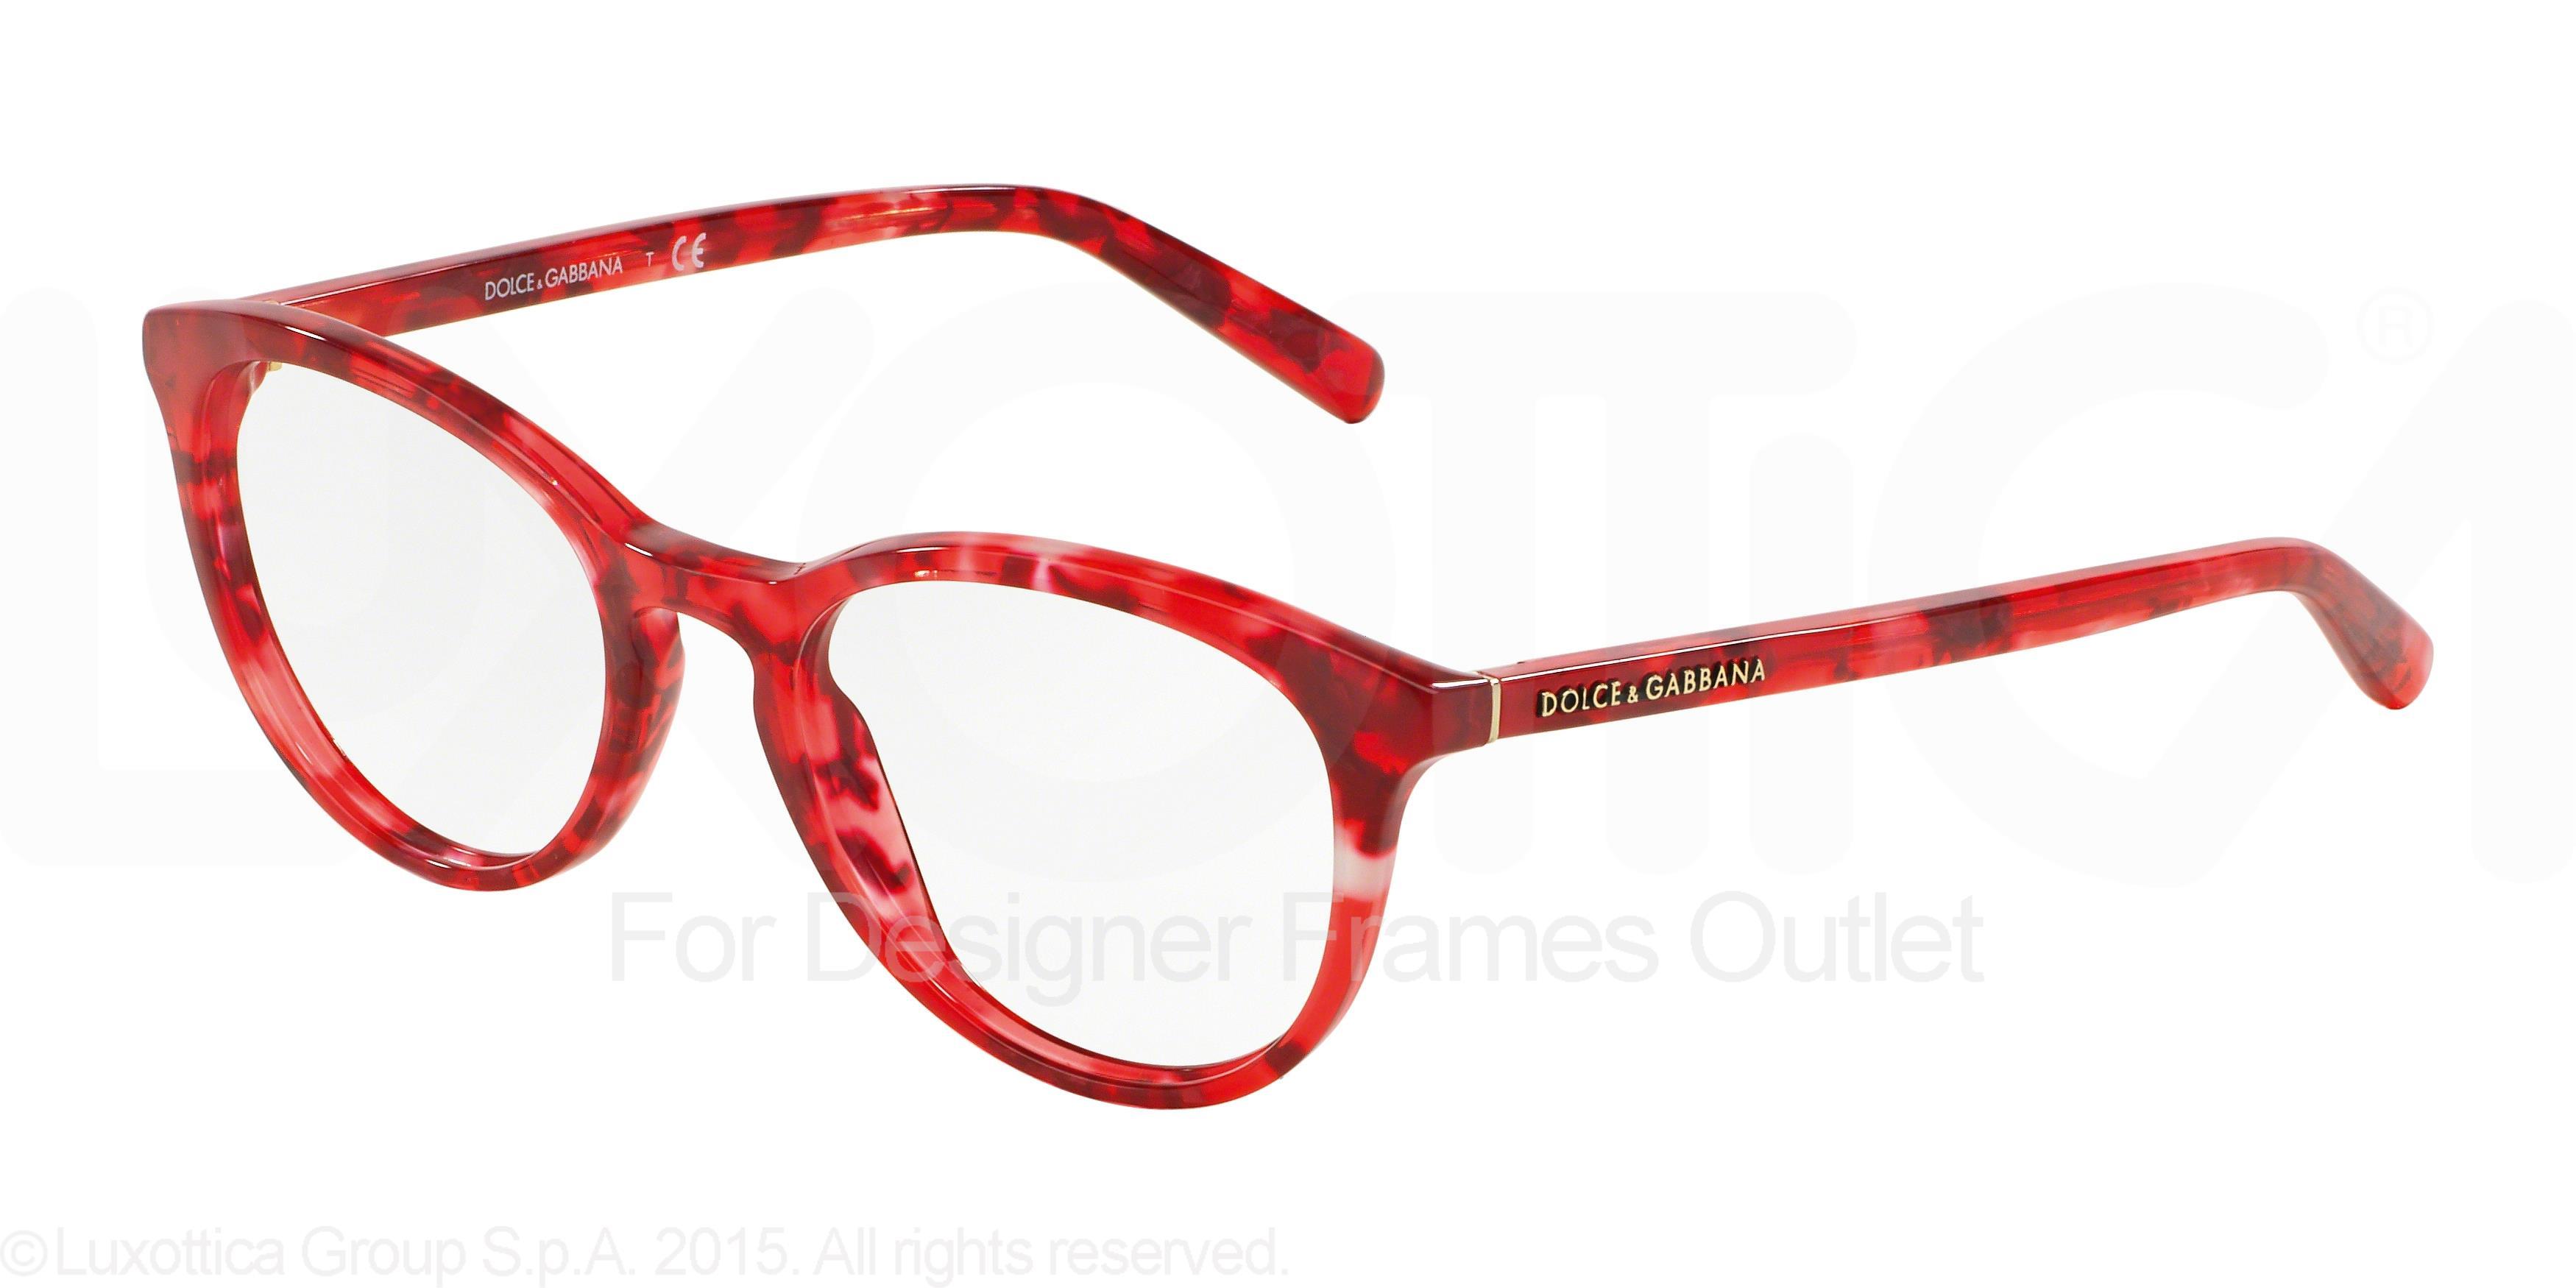 0b5025b41a43 Designer Frames Outlet. Dolce & Gabbana DG3223